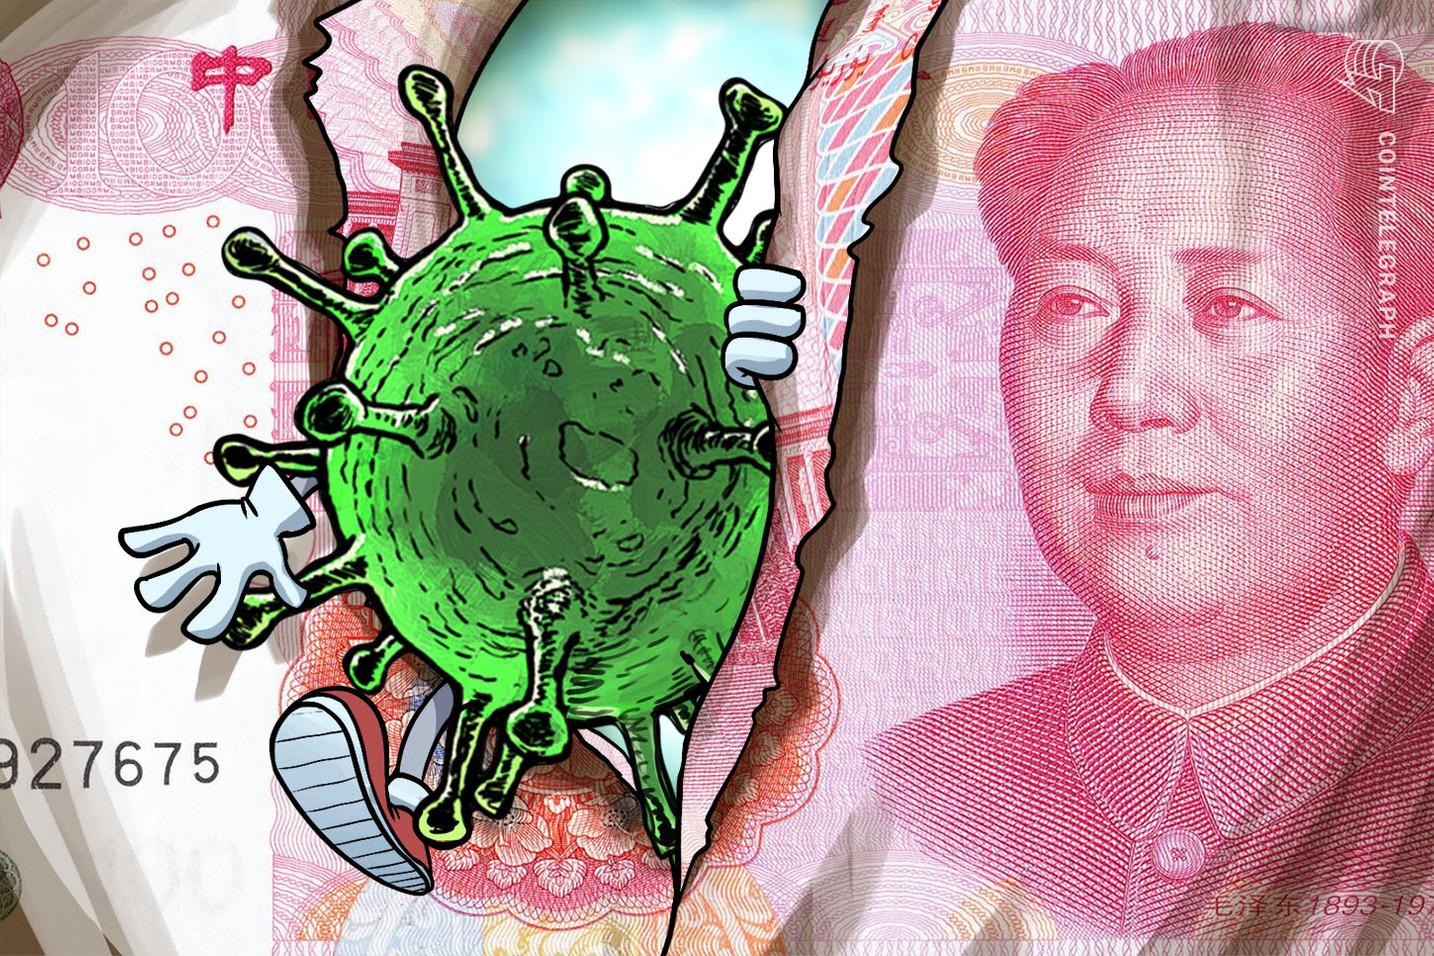 Cina: banconote in quarantena per arrestare la diffusione del coronavirus